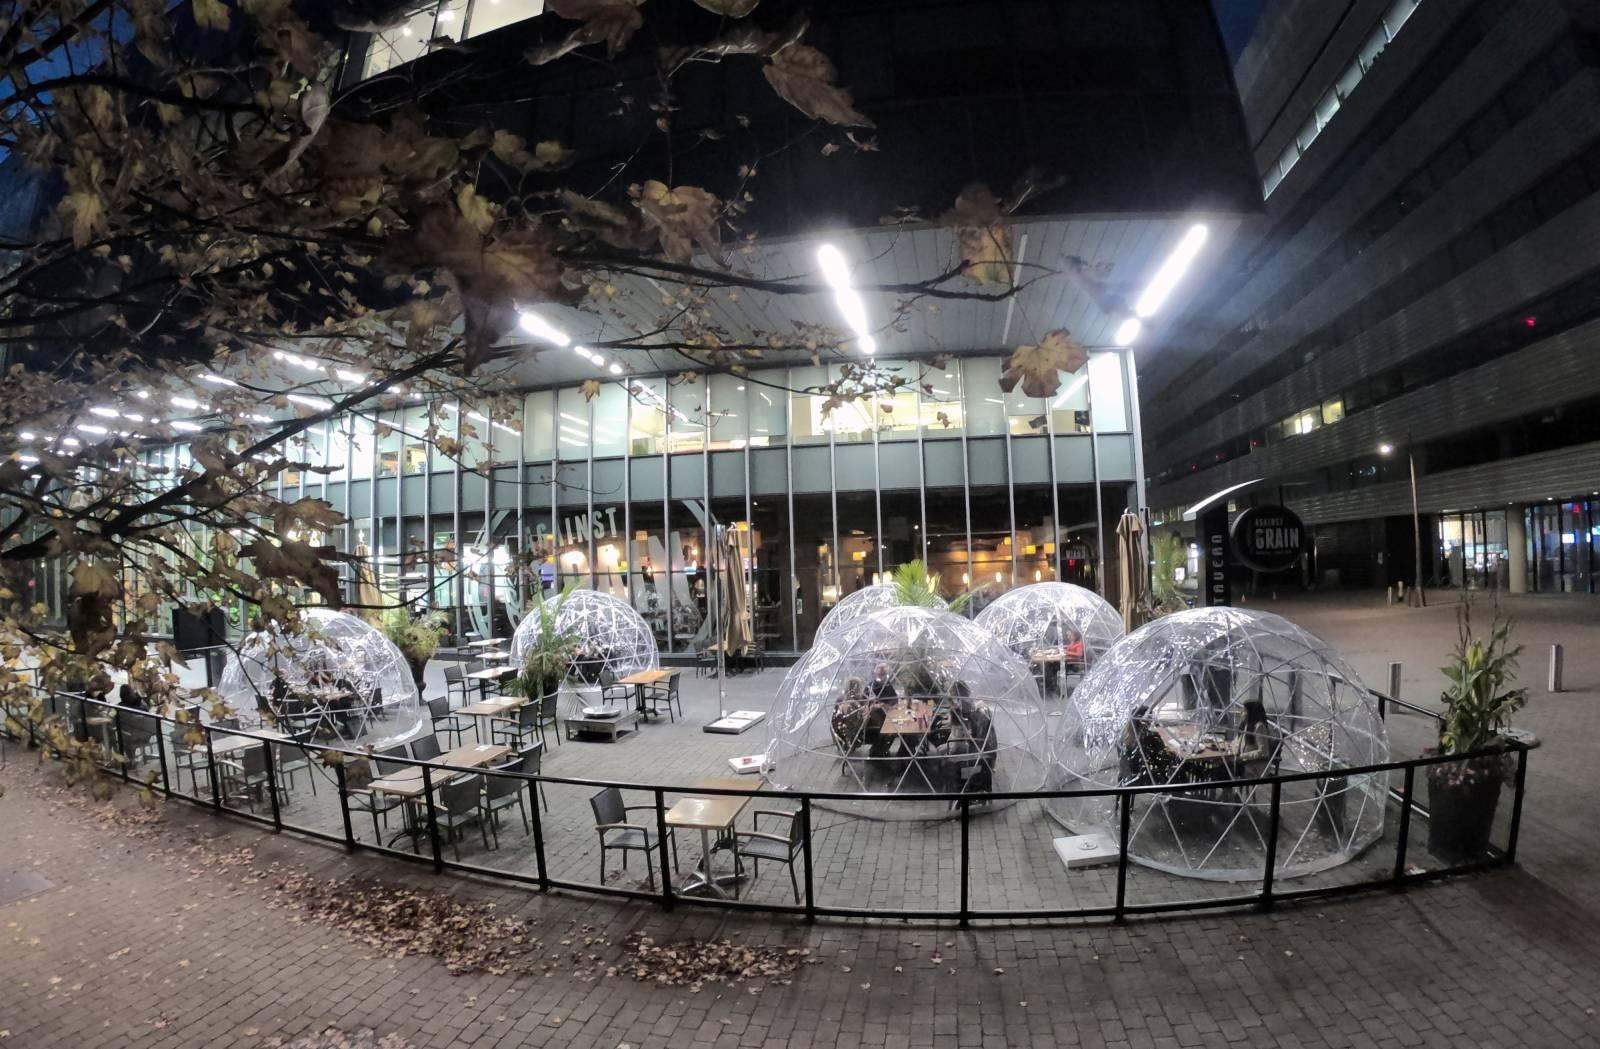 當地時間10月24日,加拿大多倫多一家餐廳,使用有助於保持安全社交距離的室外「氣泡餐桌」吸引食客光顧。由於第二波新冠疫情反彈明顯,多倫多等城市現已重新收緊防疫限制措施,包括禁止餐飲業經營室內堂食。(中新社圖片)